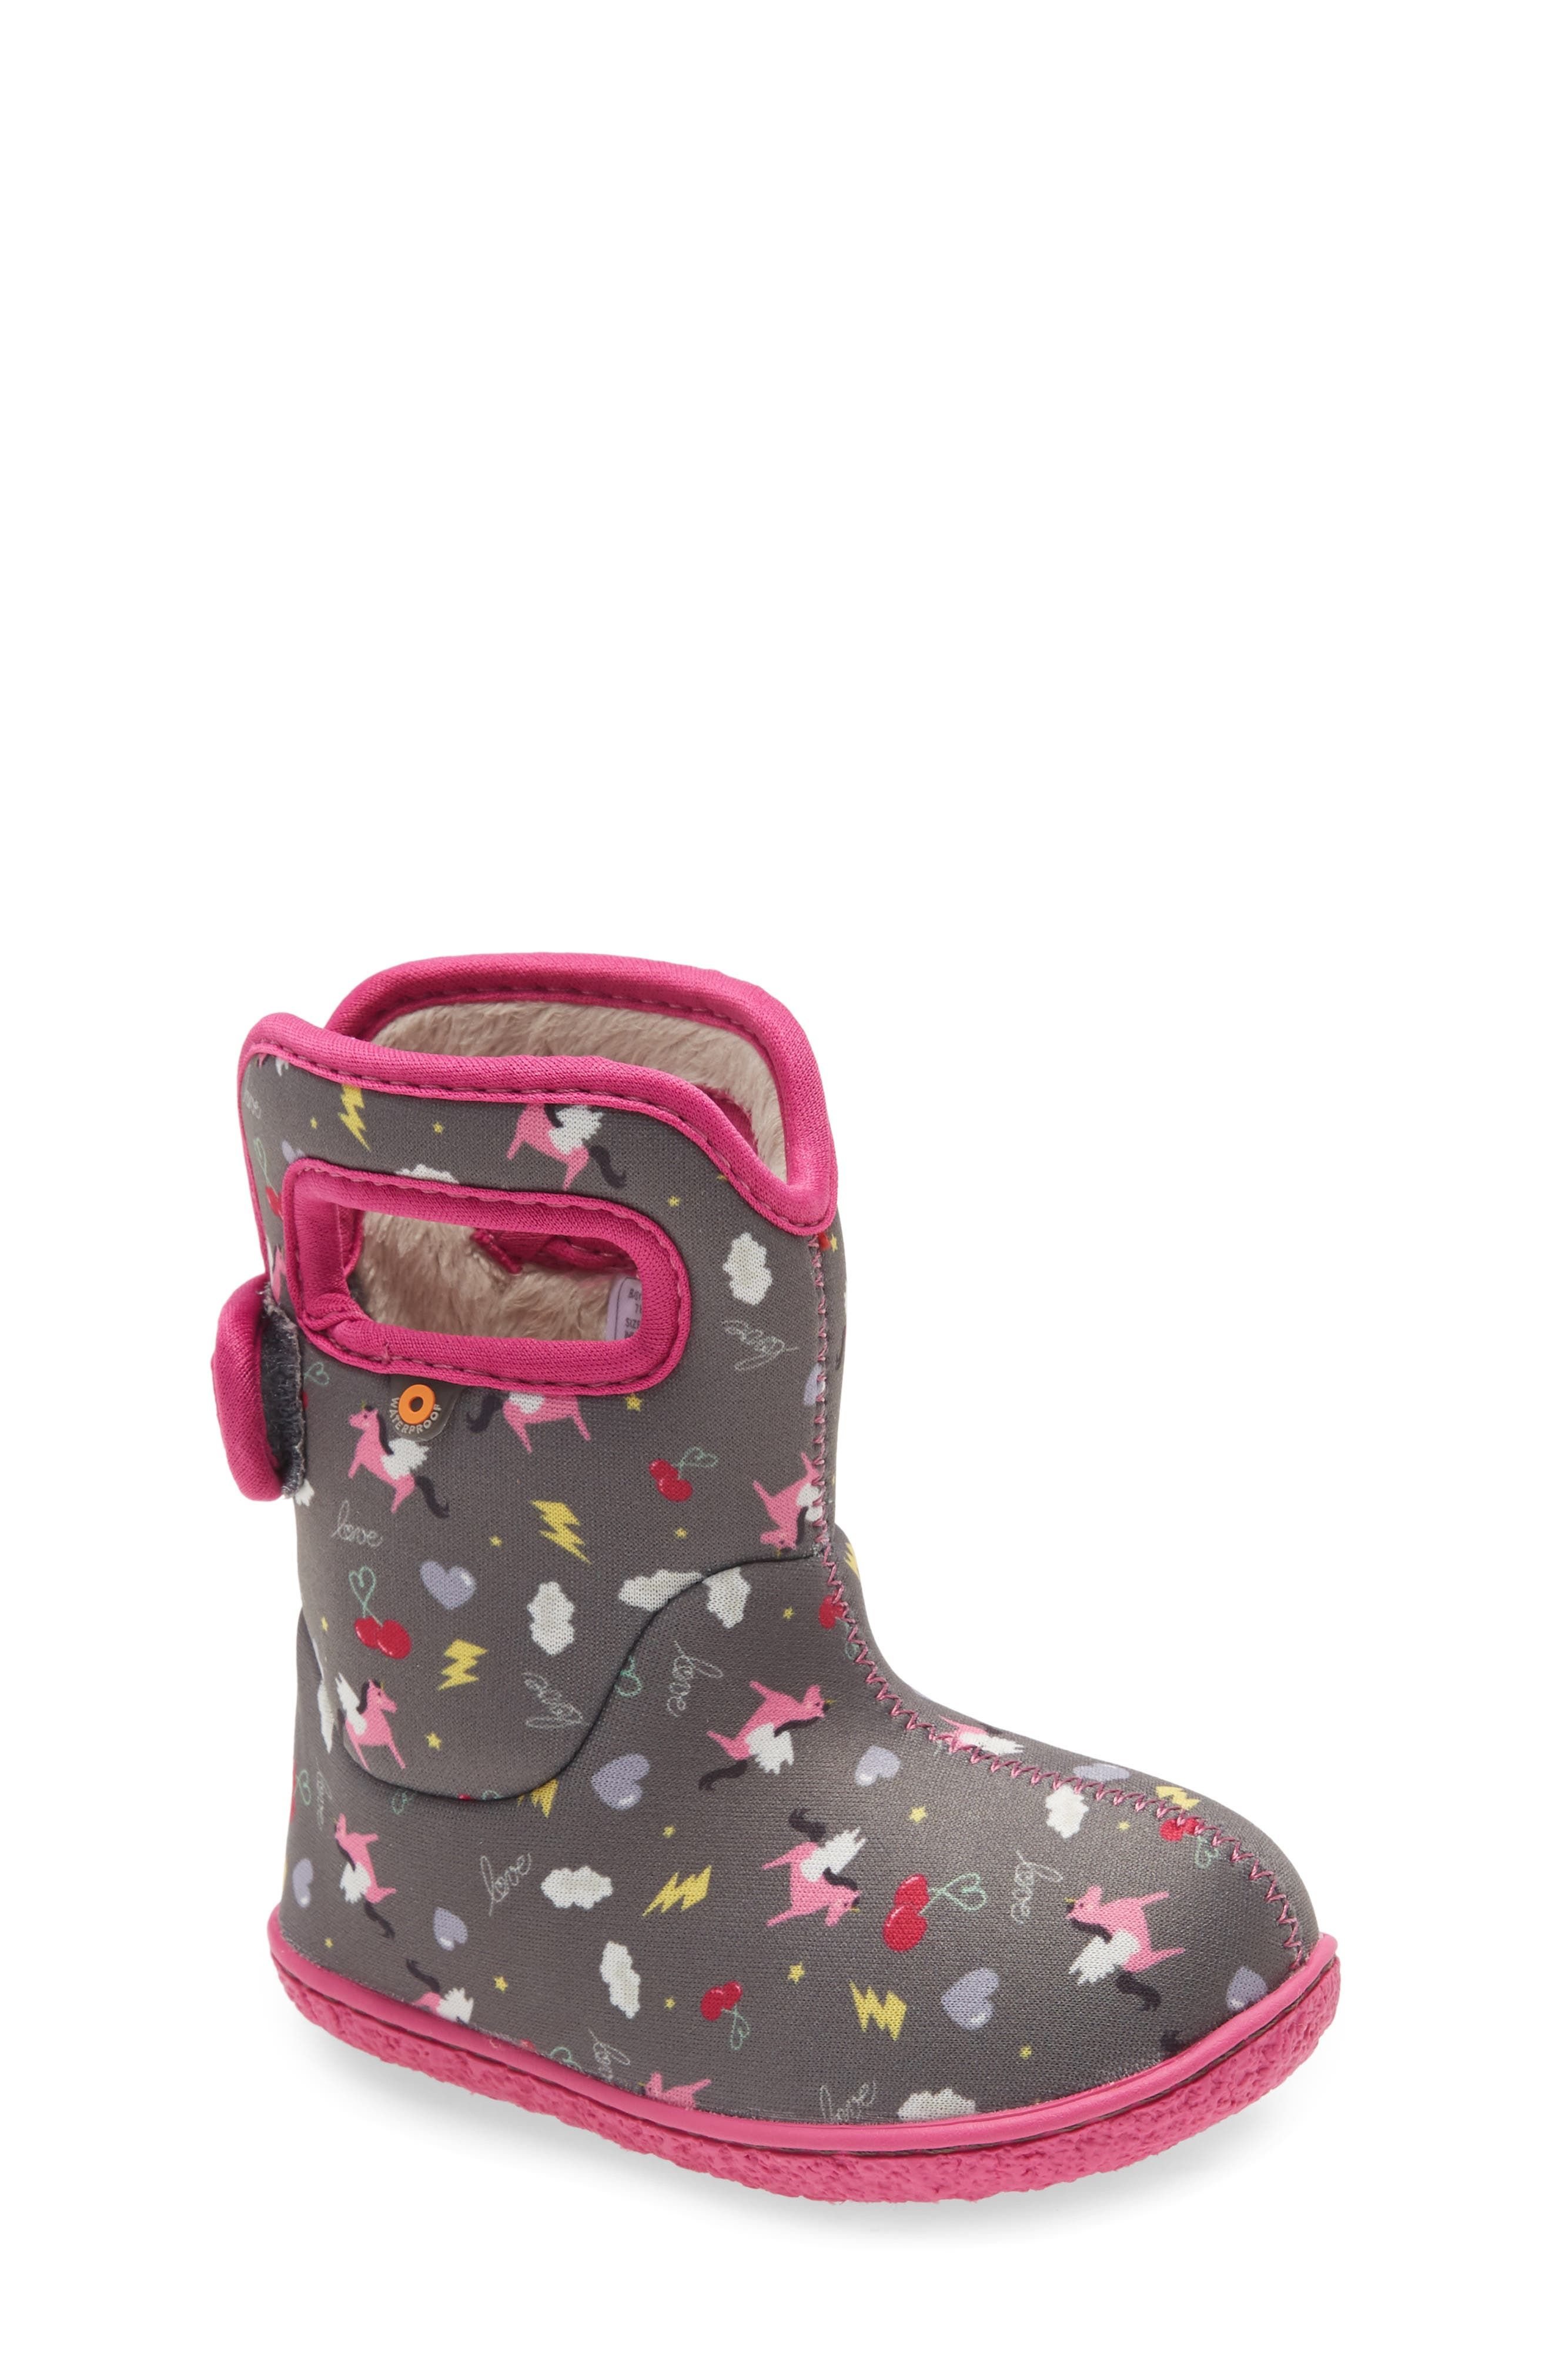 Girls' Bogs Shoes Sale   Nordstrom